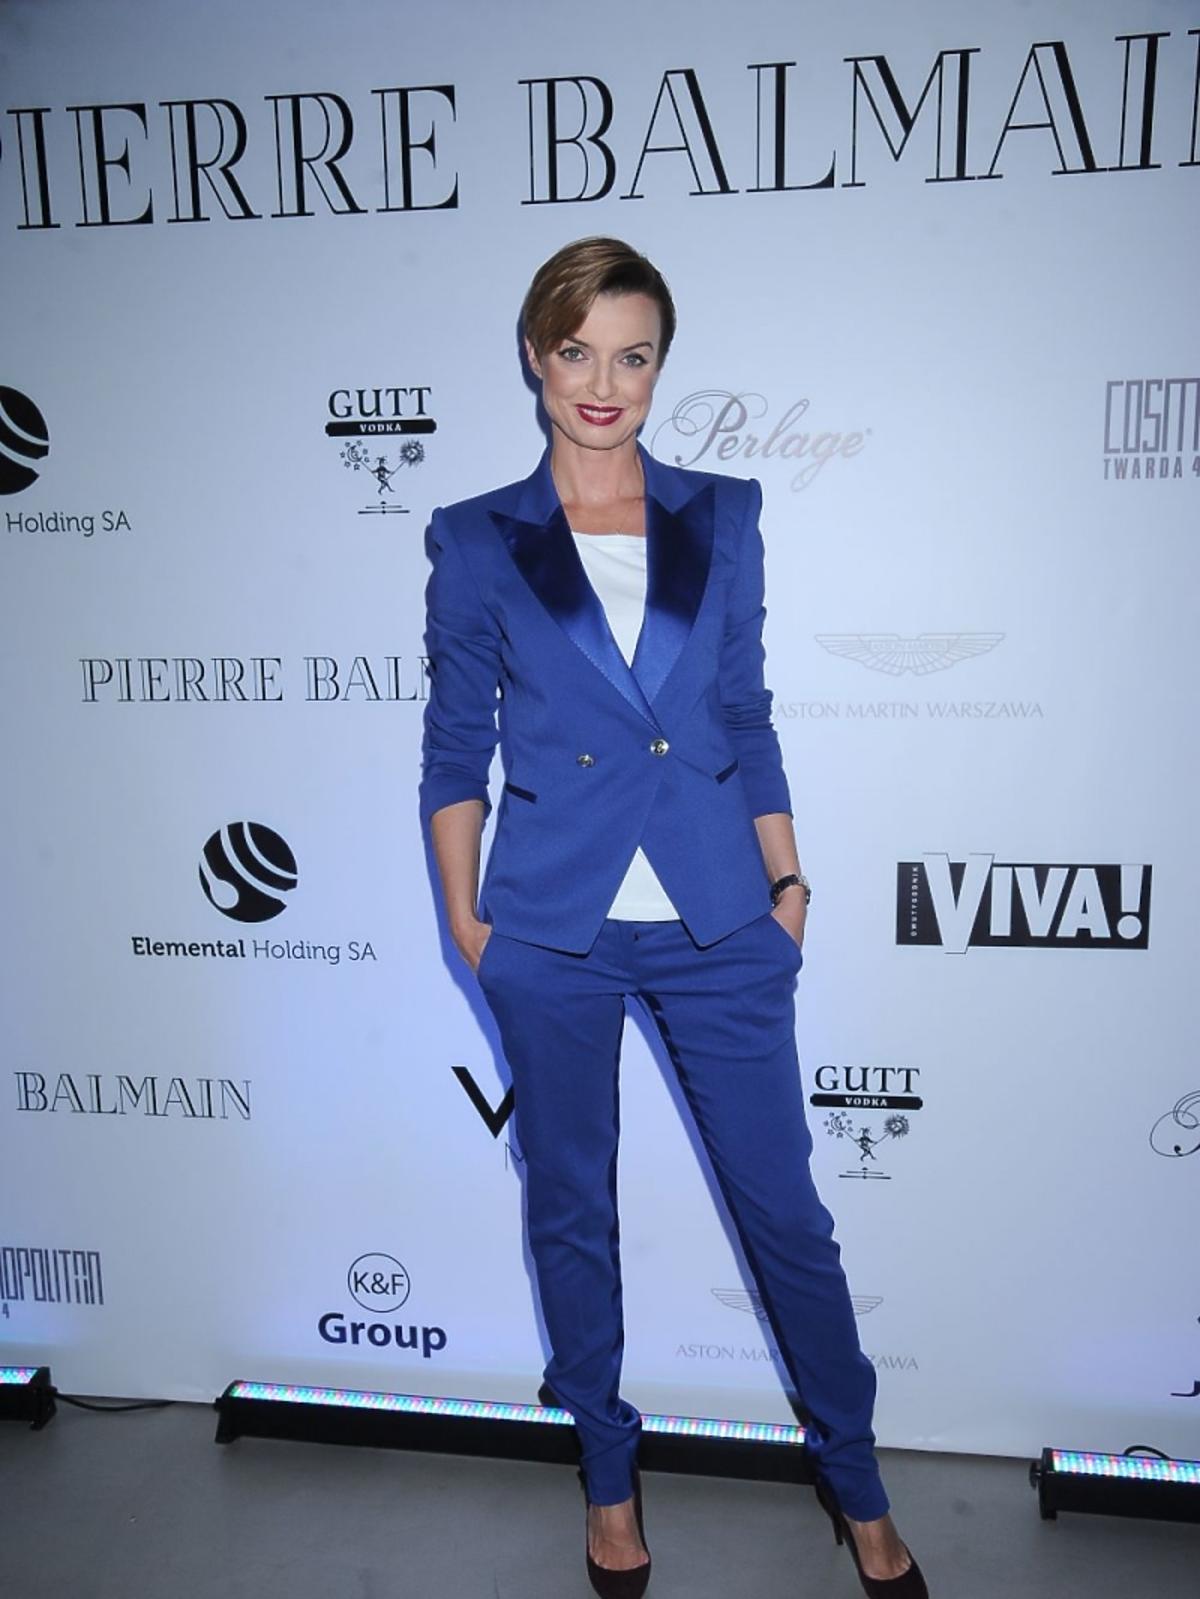 Katarzyna Sokołowska w niebieskim garniturze na prezentacji Balmain